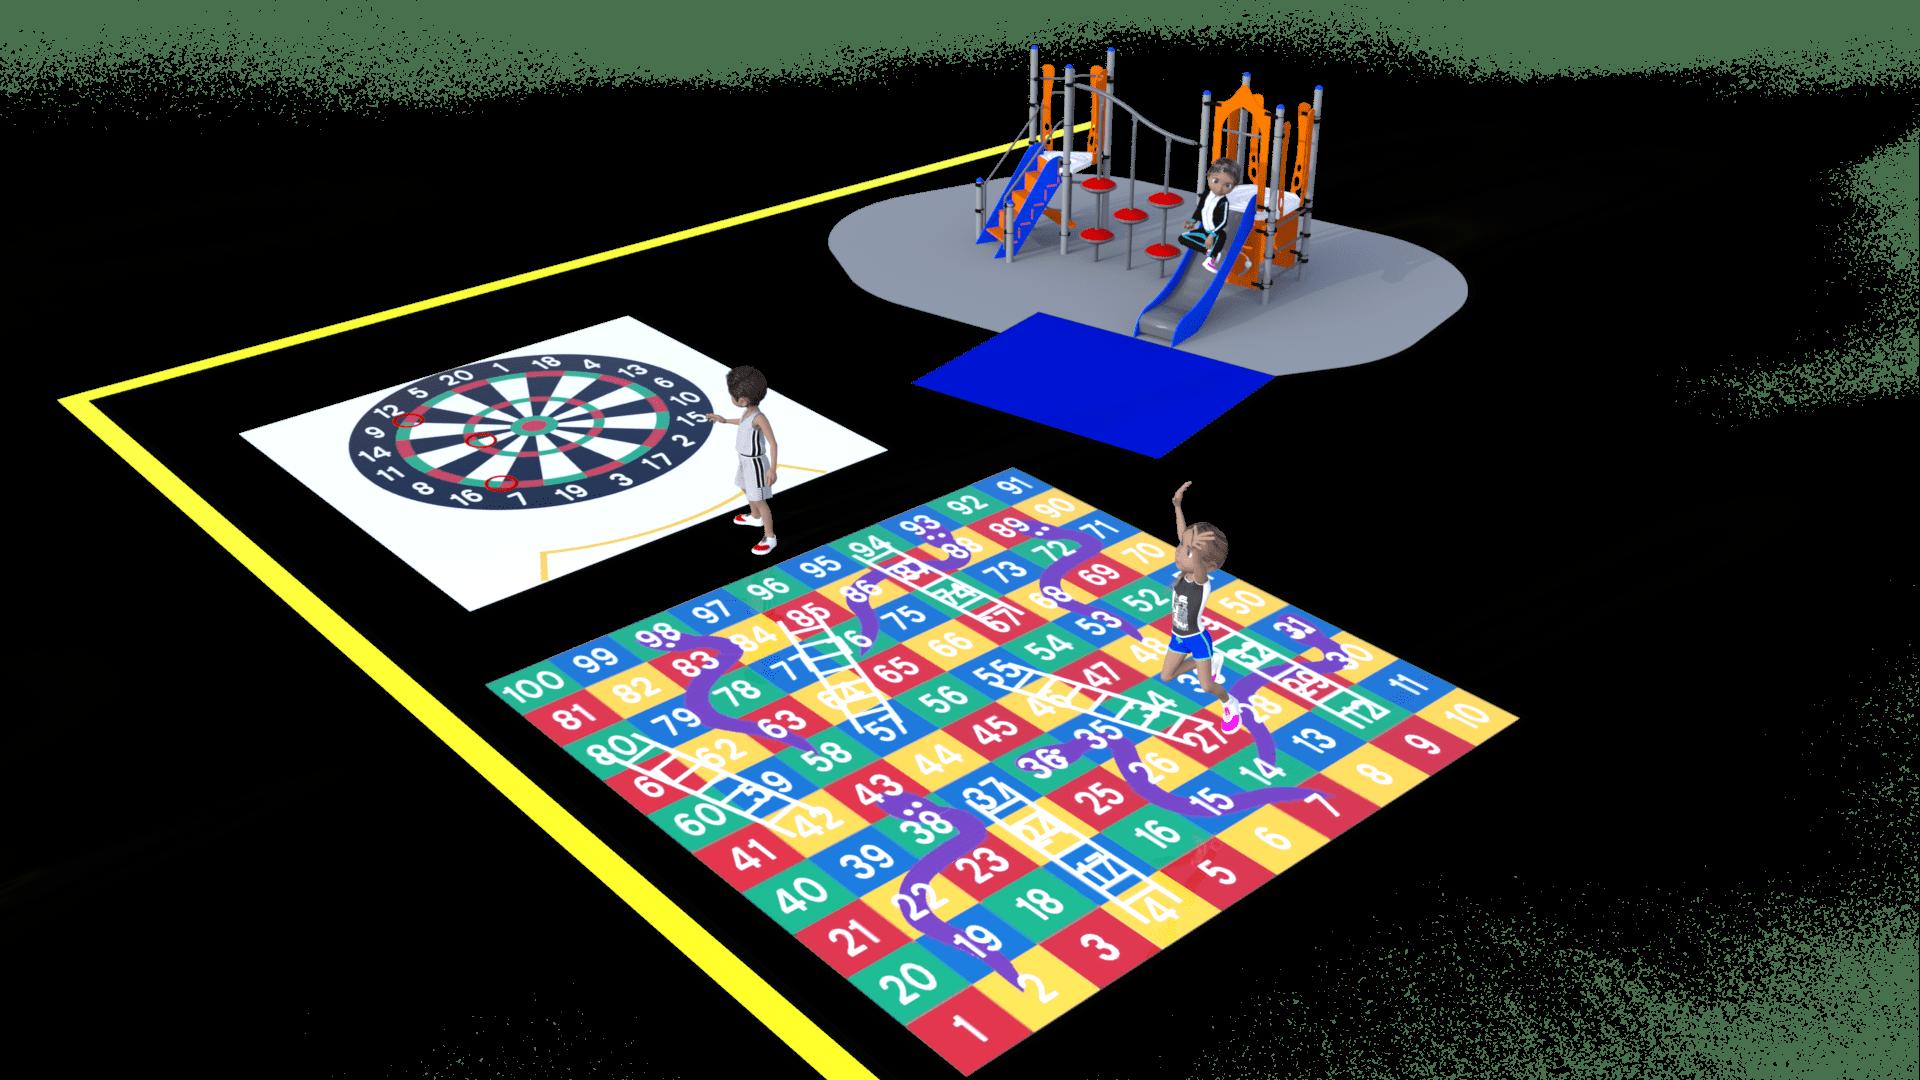 jeux au sol cour de recreation